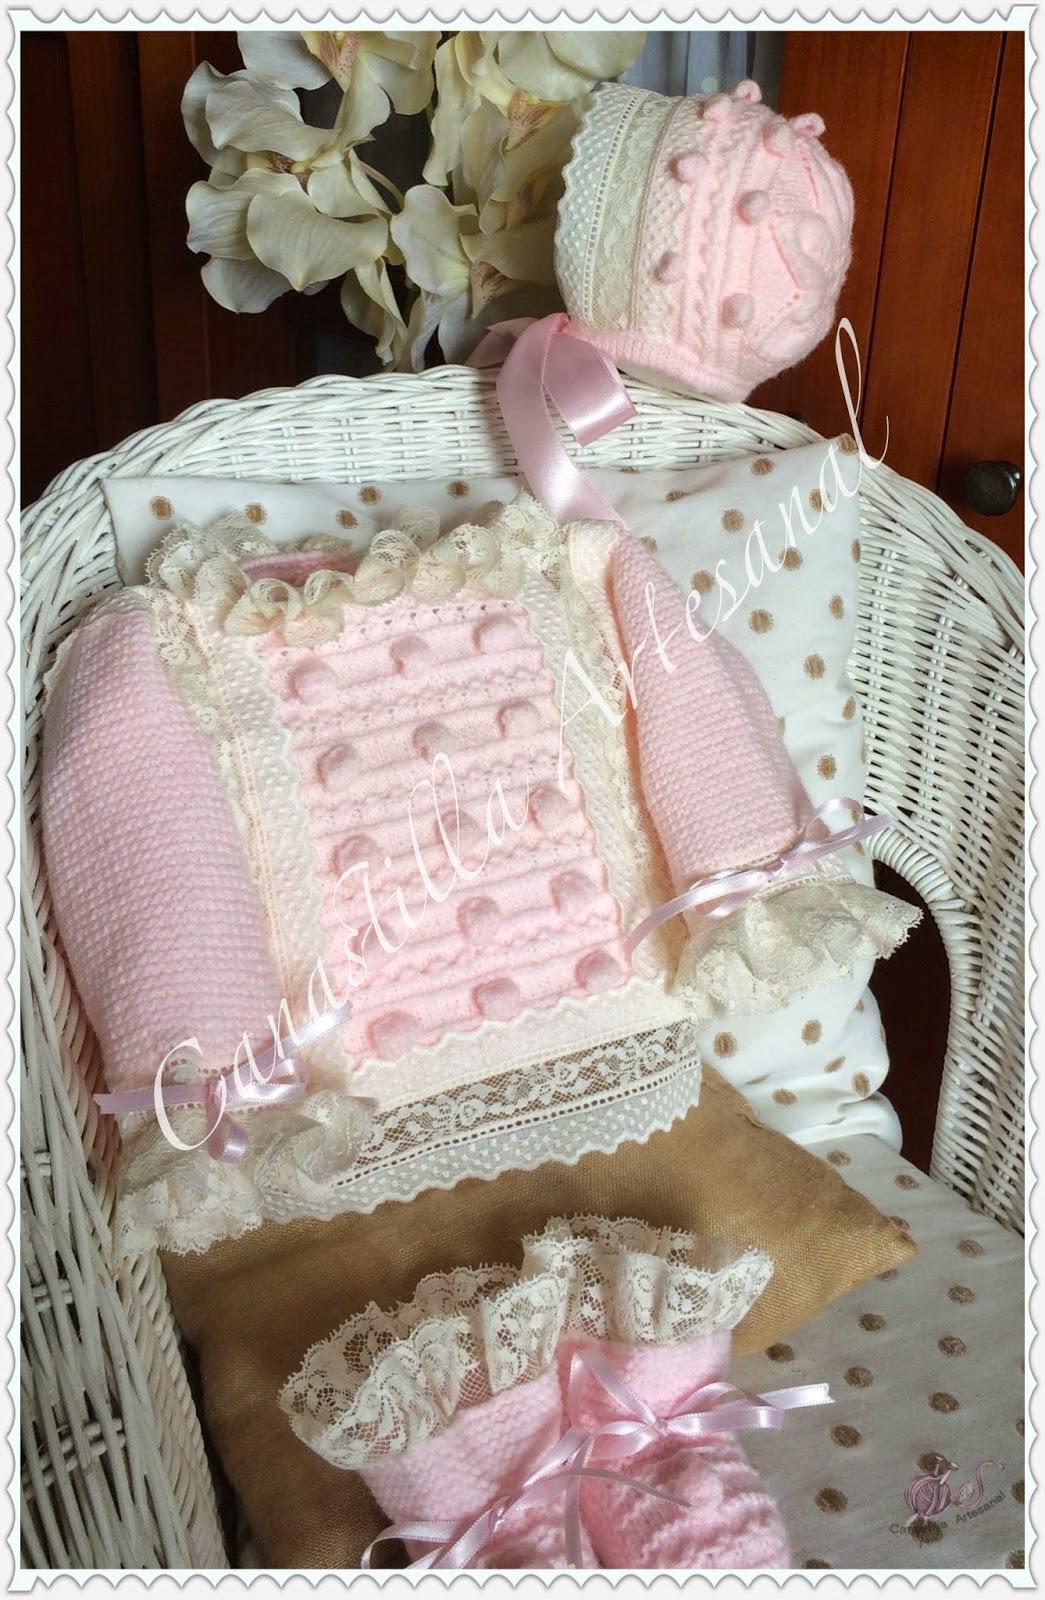 Canastilla artesanal modelo 50 en lana - Canastilla artesanal bebe ...